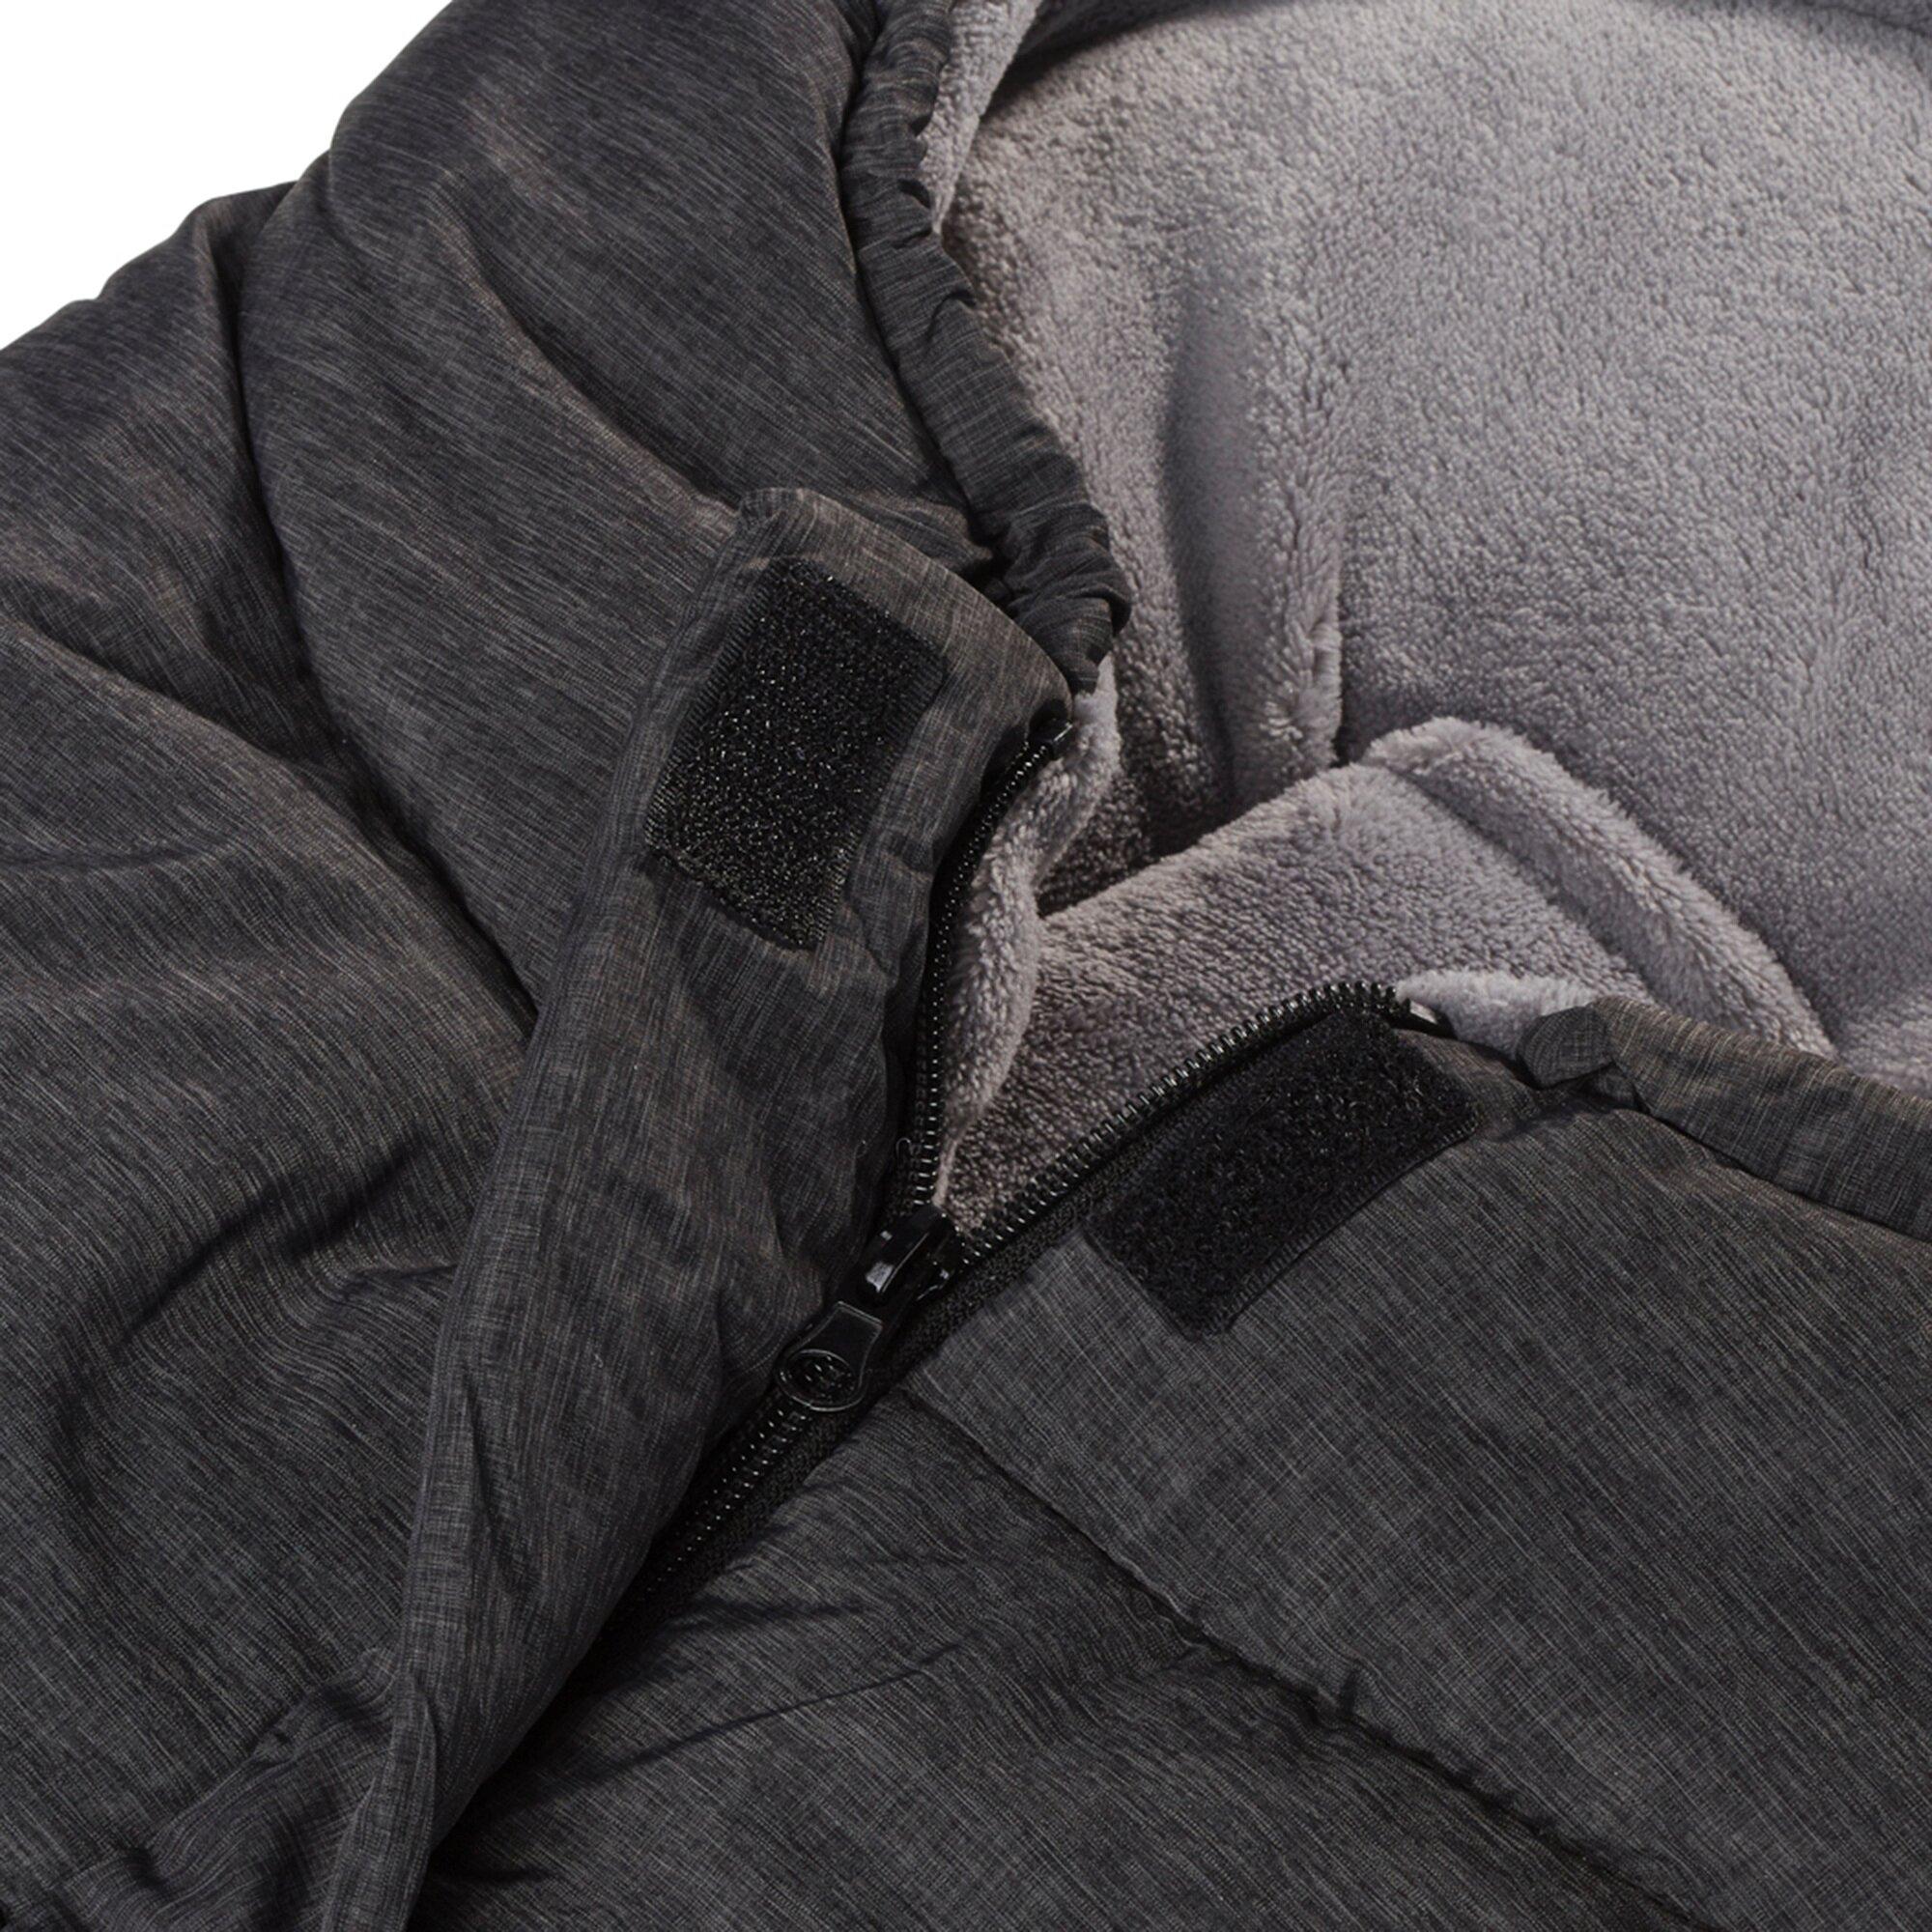 babycab-winter-fu-sack-eiger-fur-babyschale-schwarz